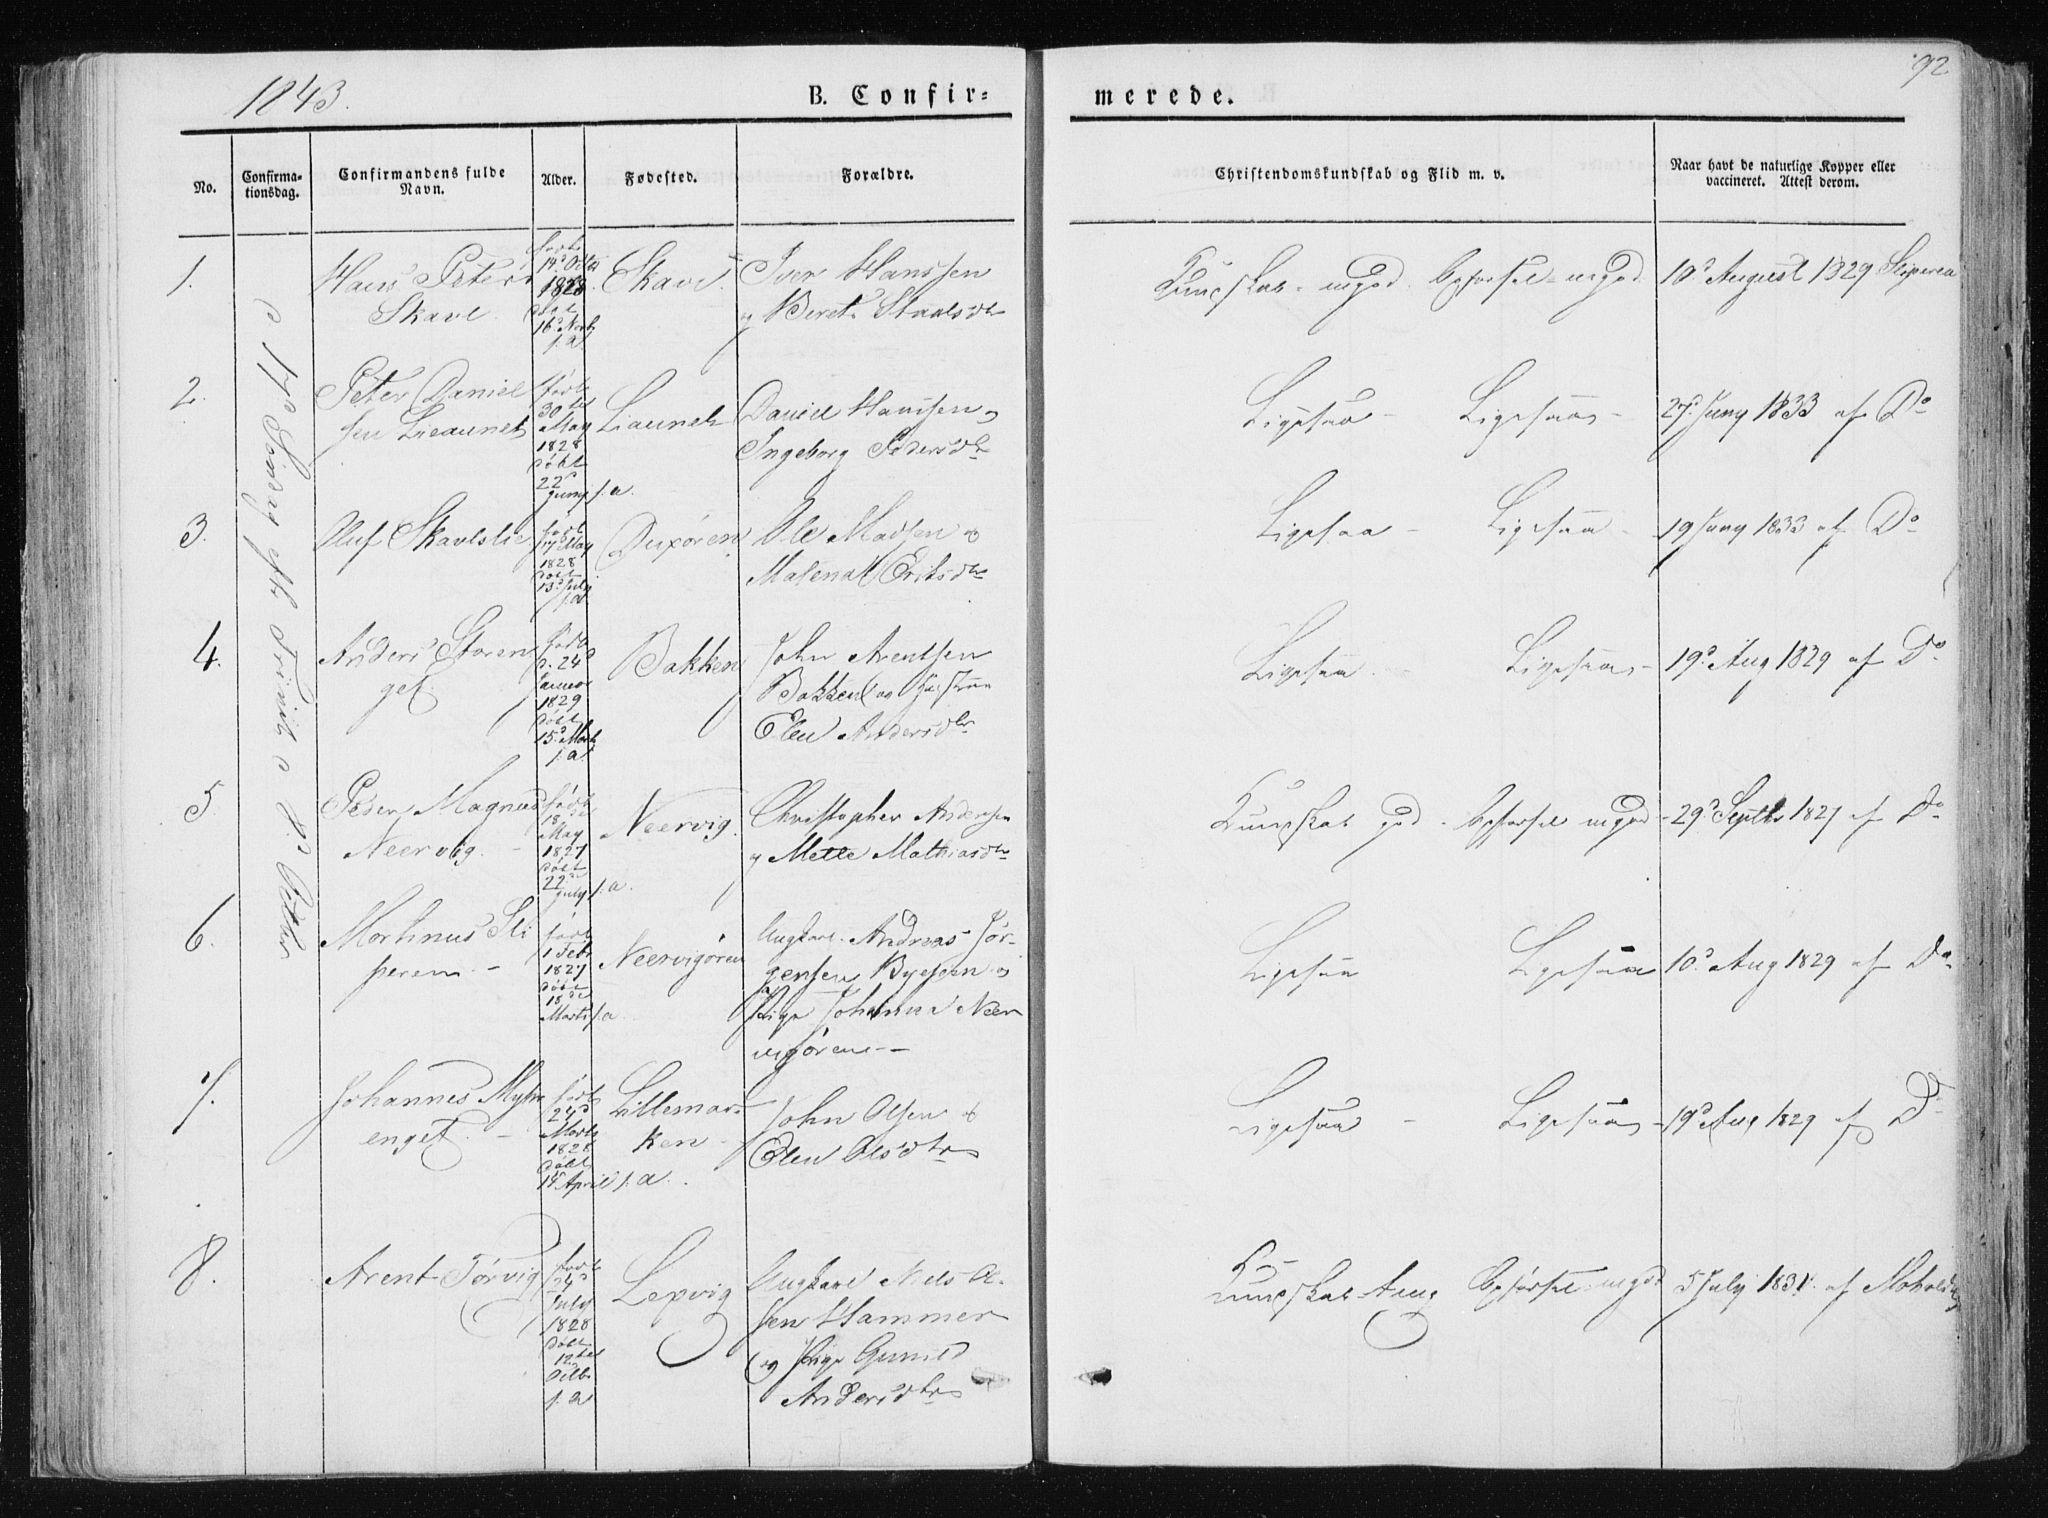 SAT, Ministerialprotokoller, klokkerbøker og fødselsregistre - Nord-Trøndelag, 733/L0323: Parish register (official) no. 733A02, 1843-1870, p. 92